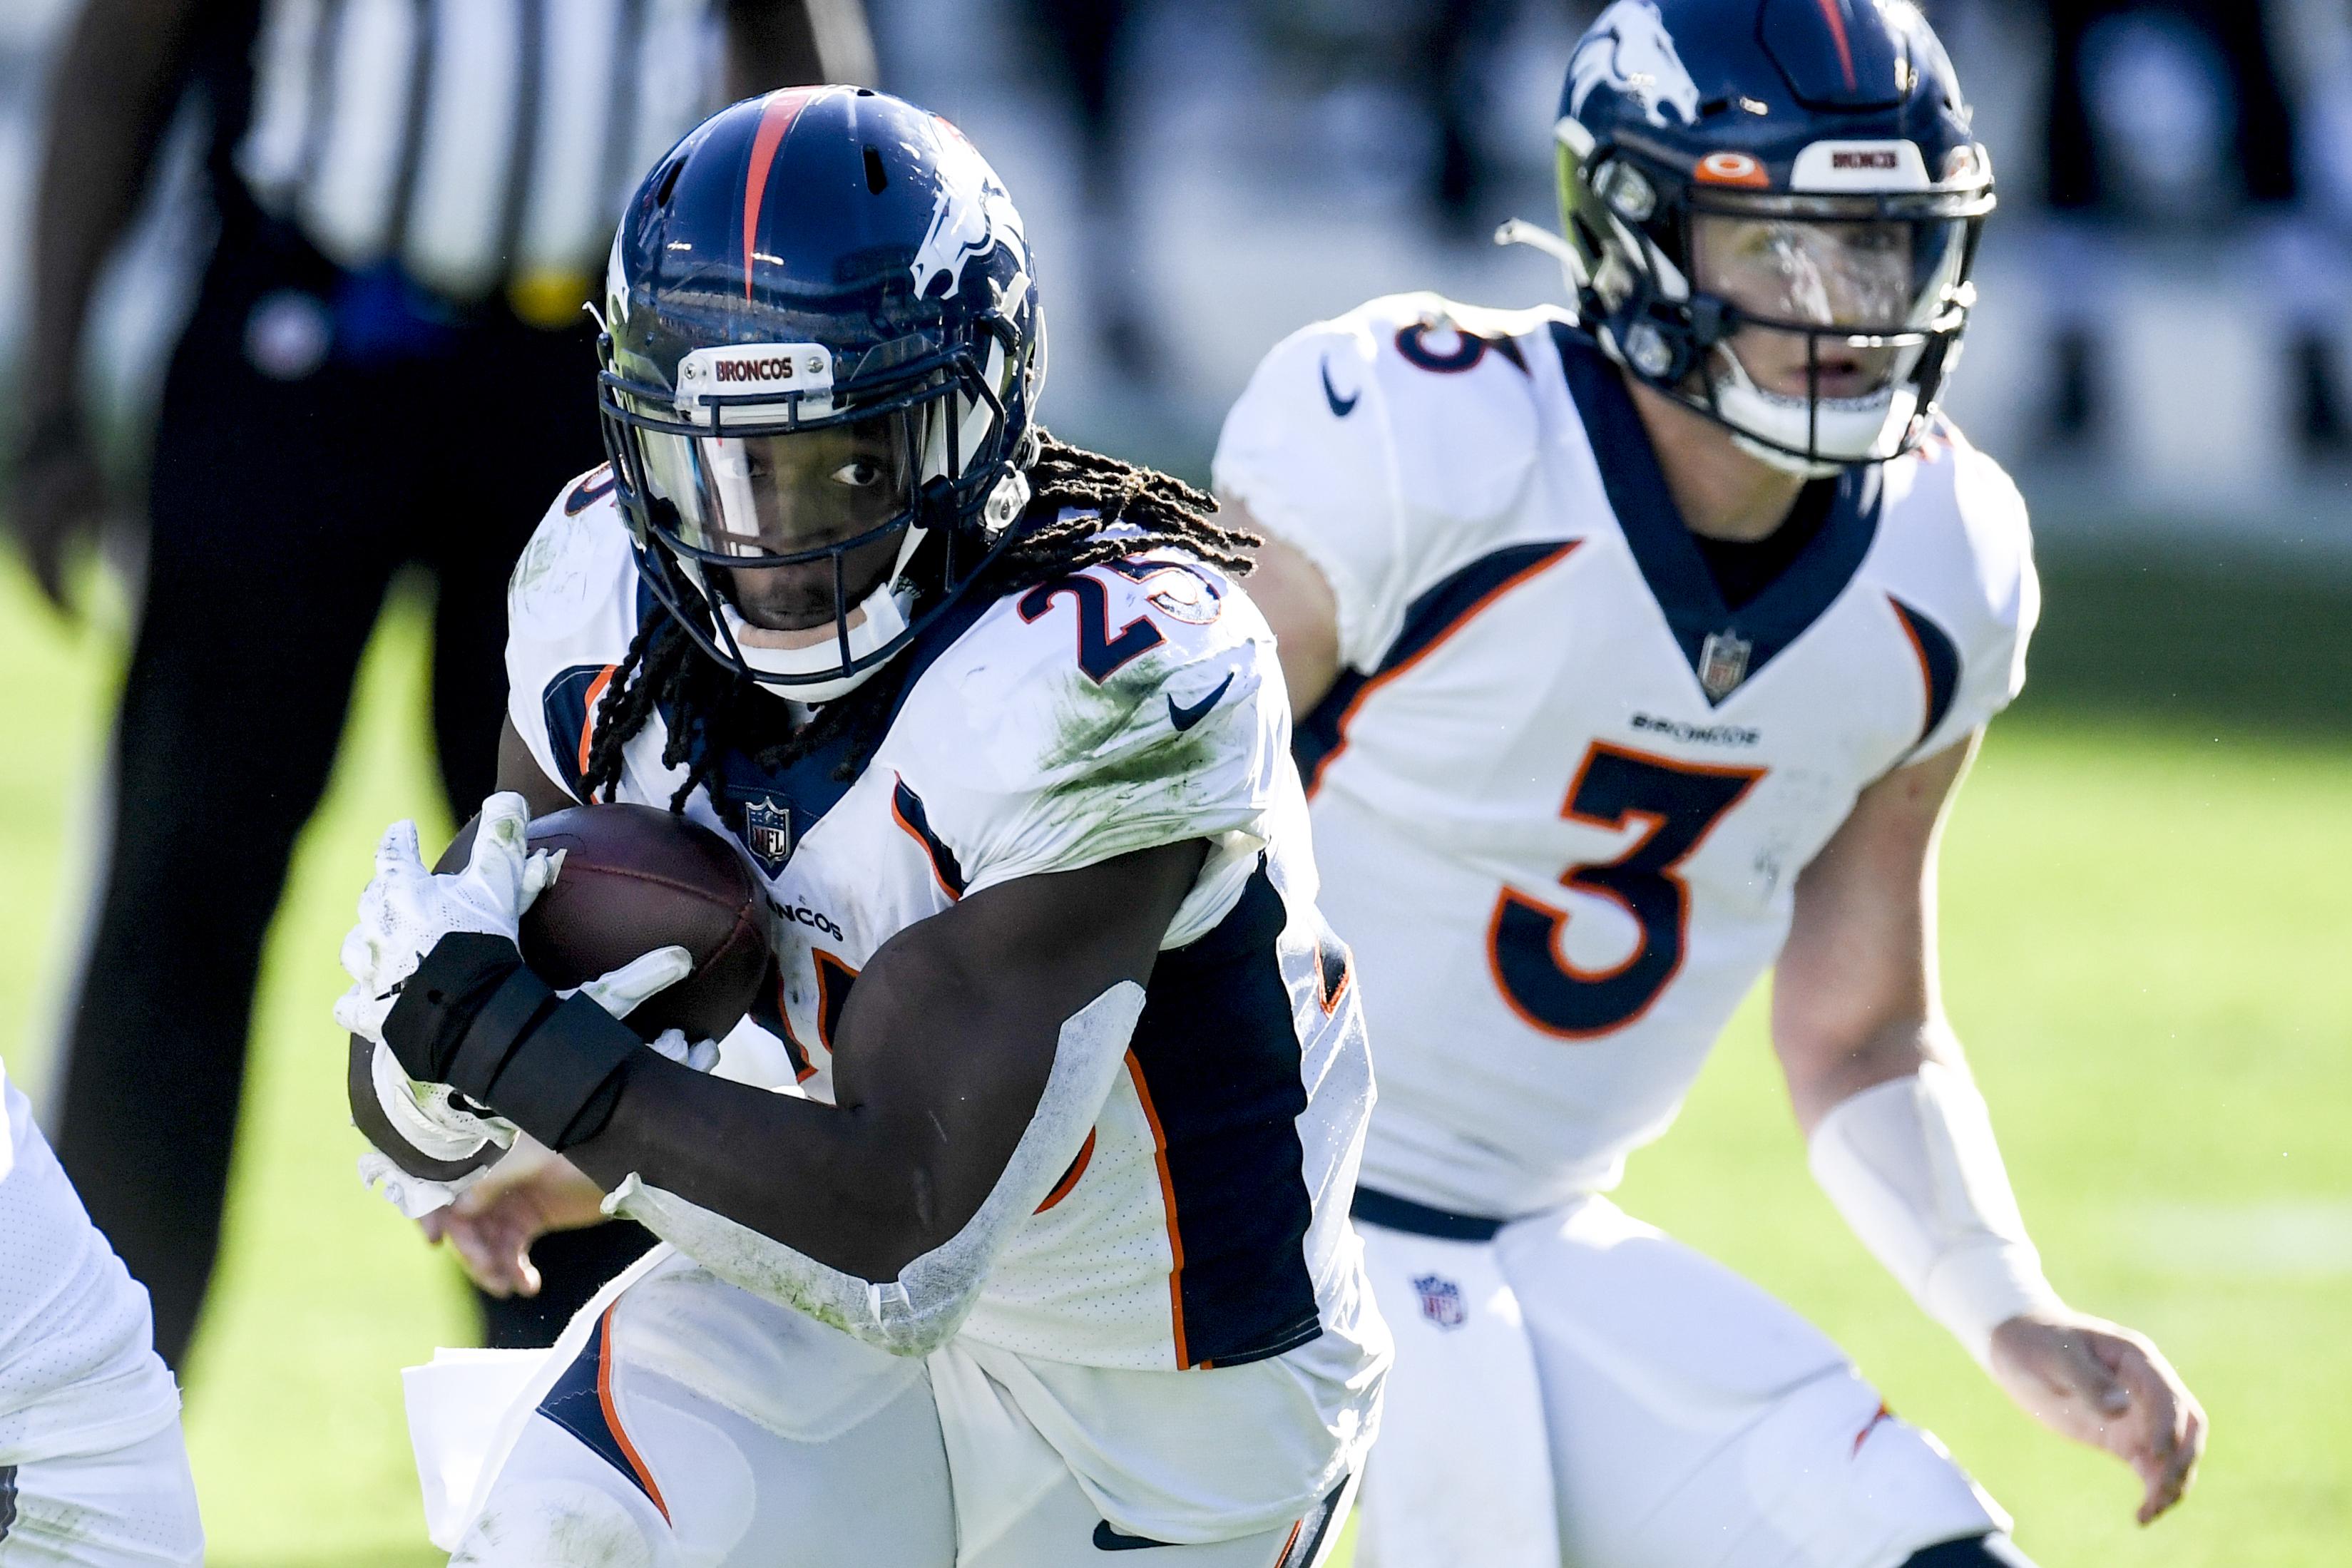 2020年12月13日周日,美国银行体育场,丹佛野马队(Denver Broncos)的梅尔文·戈登三世(Melvin Gordon III, 25岁)接过德鲁·洛克(Drew Lock, 3岁)对卡罗来纳黑豹队的传球。